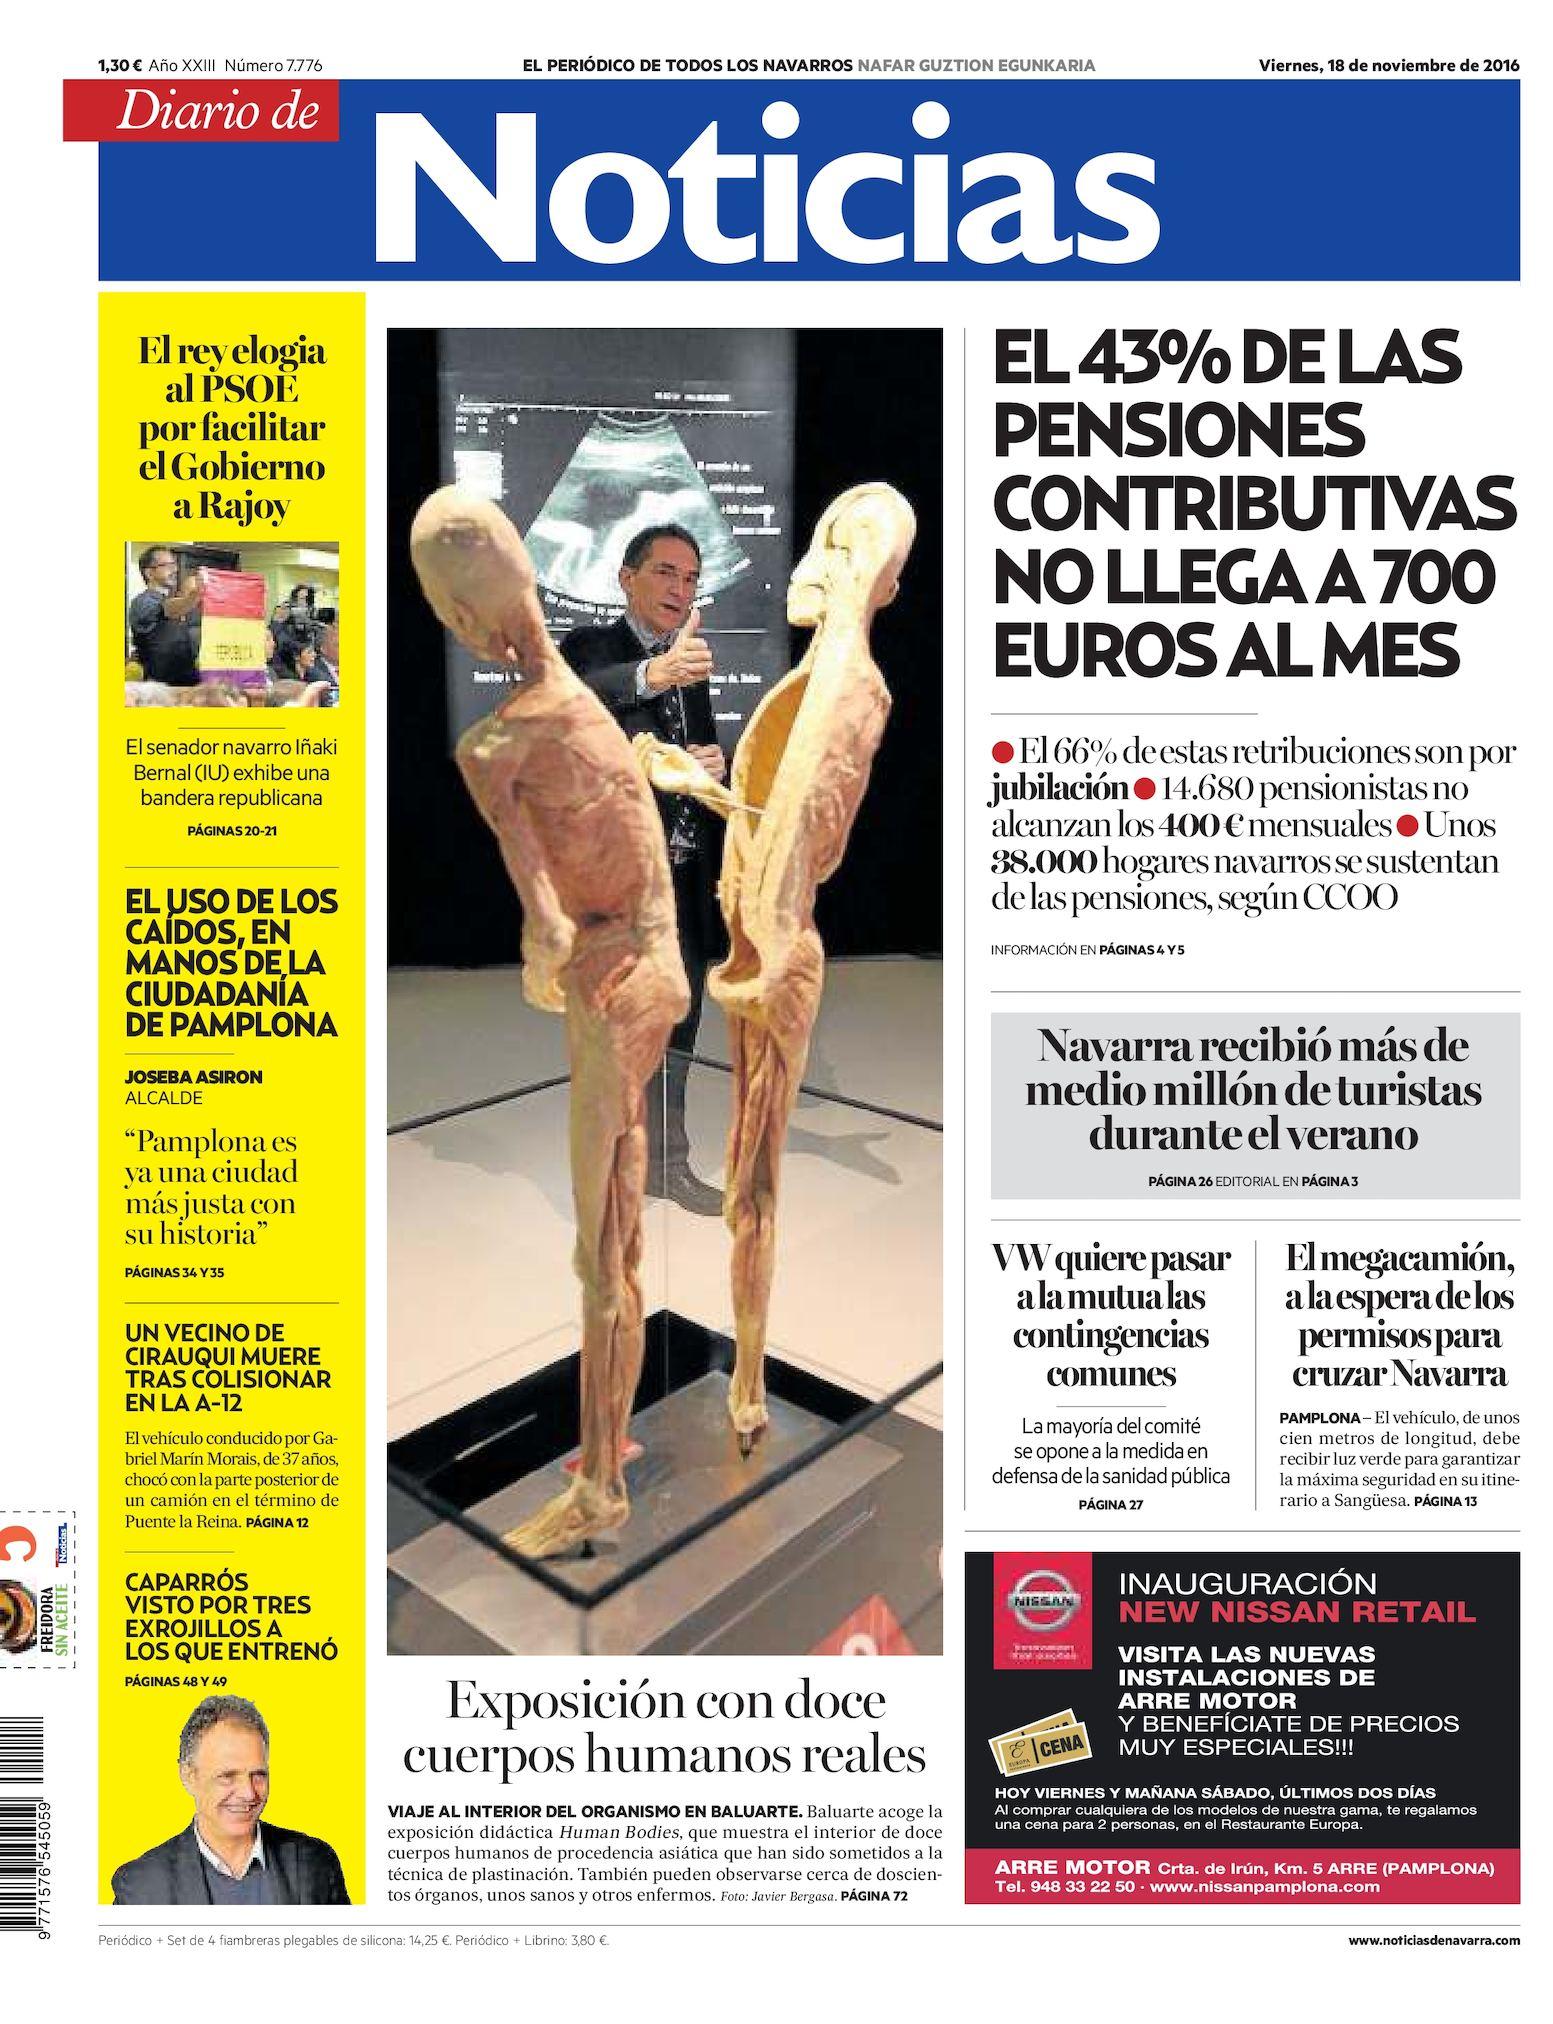 Calaméo - Diario de Noticias 20161118 027b838aa4f0